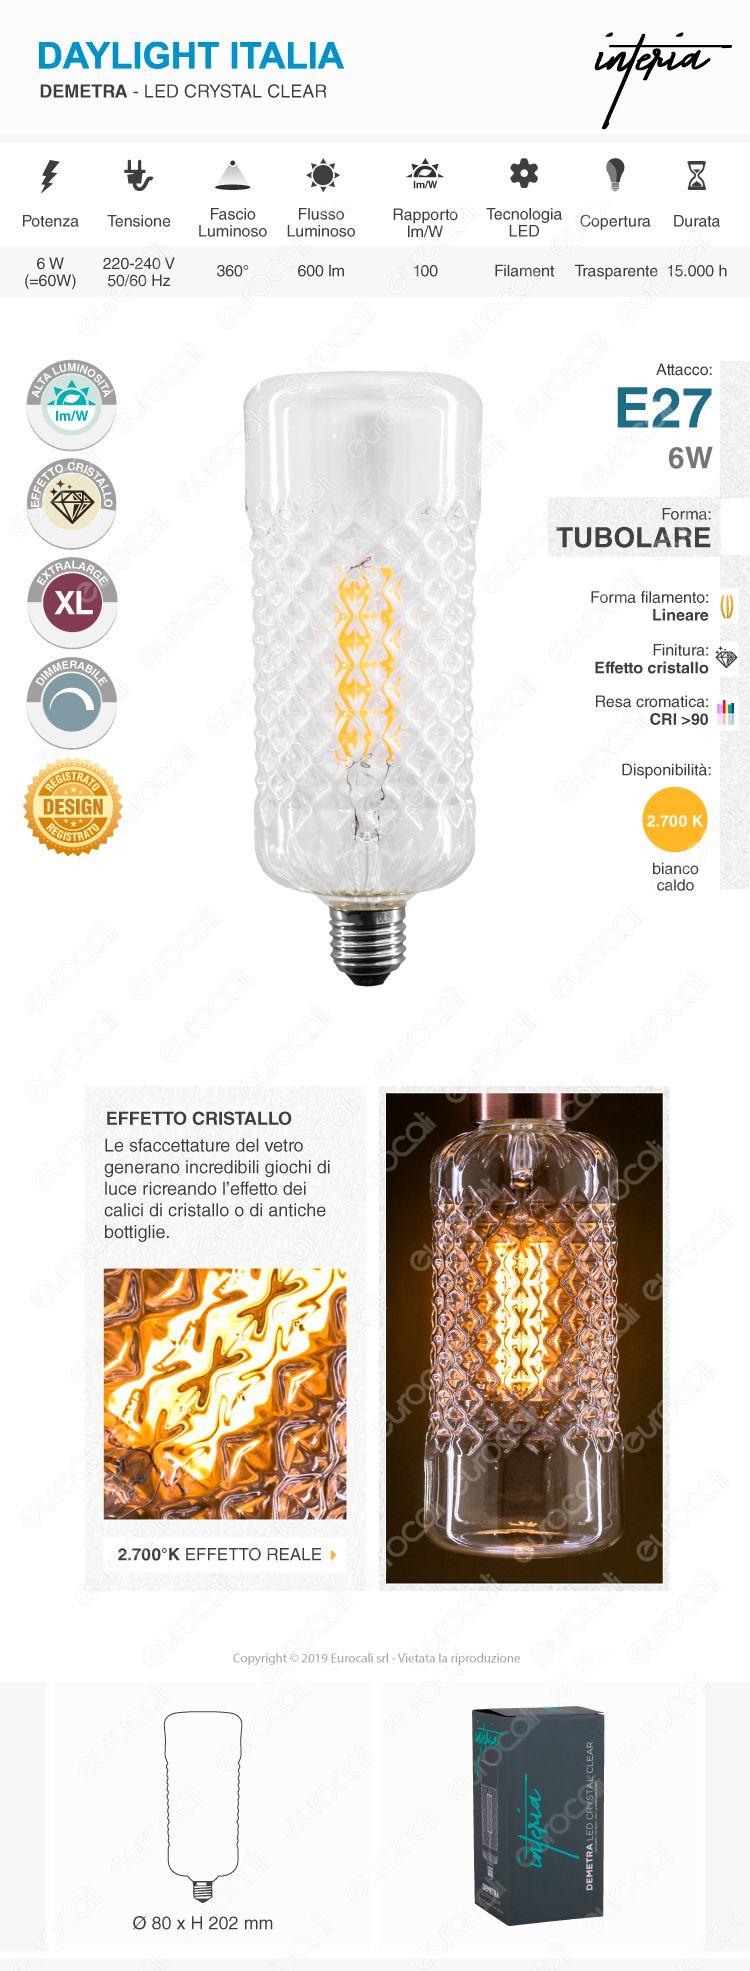 Daylight DEMETRA Lampadina E27 Filamento LED 6W Tubolare Effetto Cristallo Dimmerabile CRI≥90